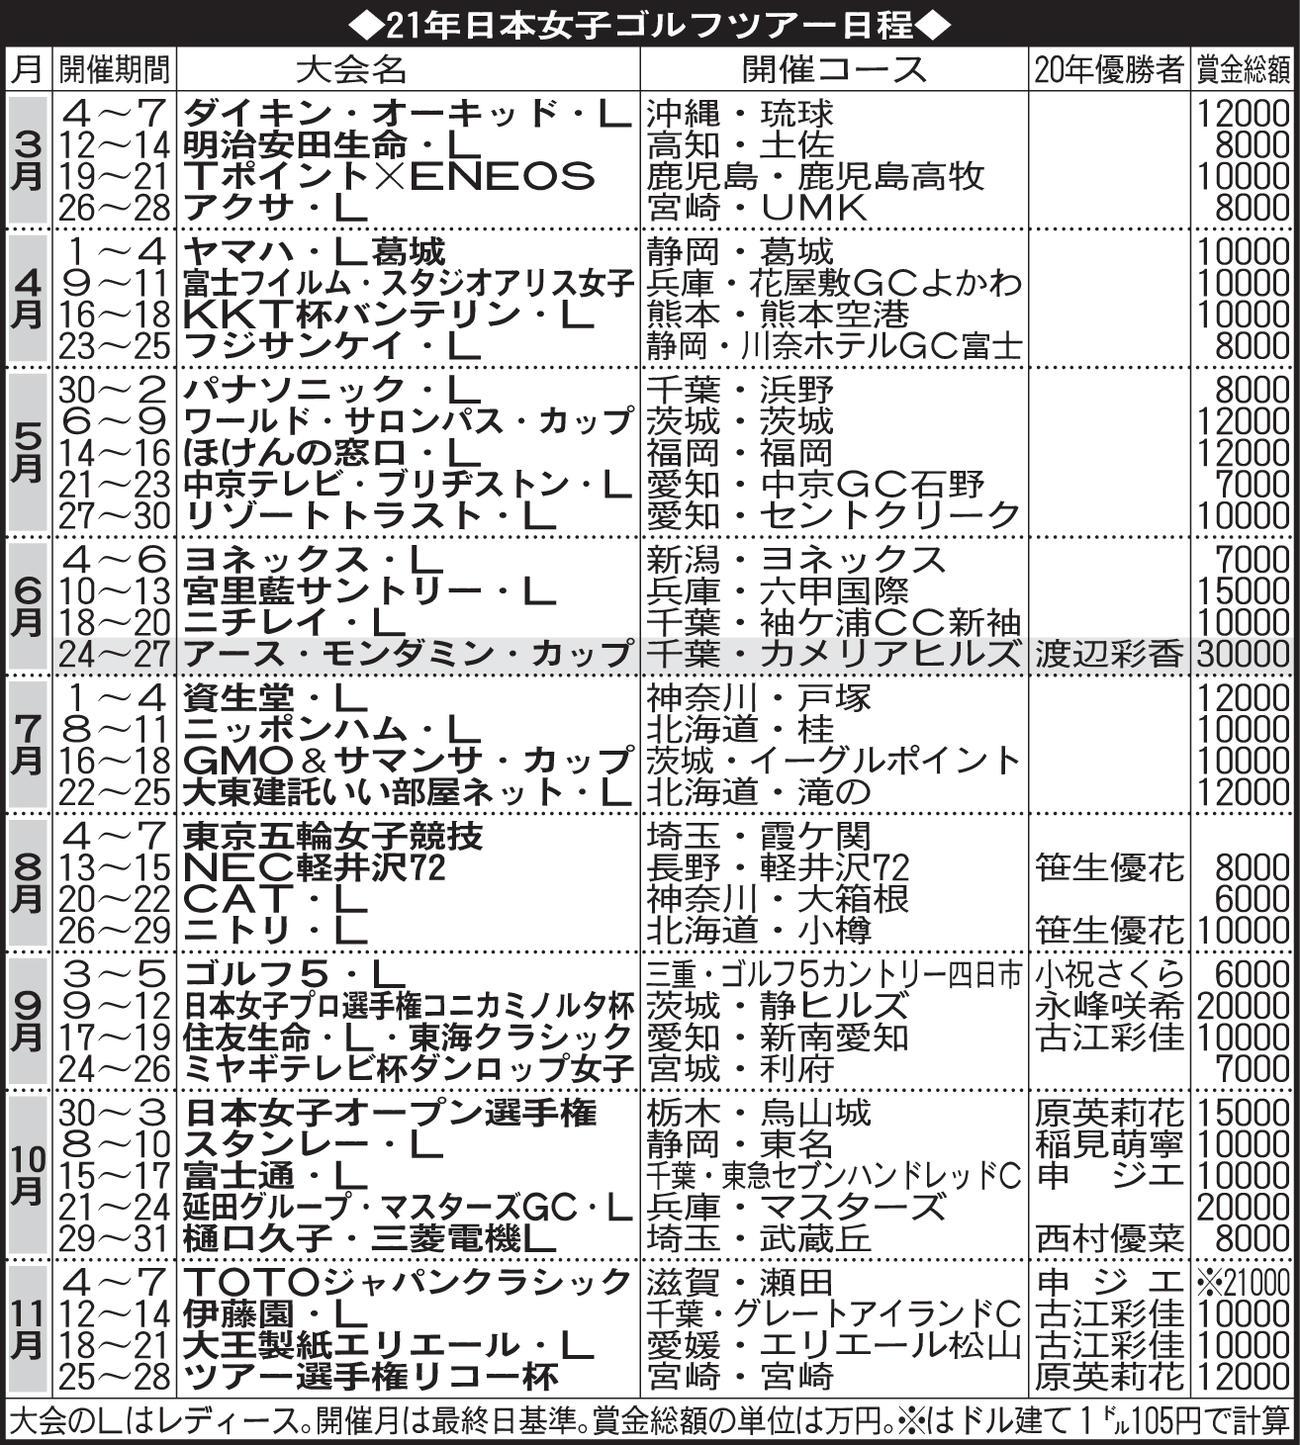 21年日本女子ゴルフツアー日程